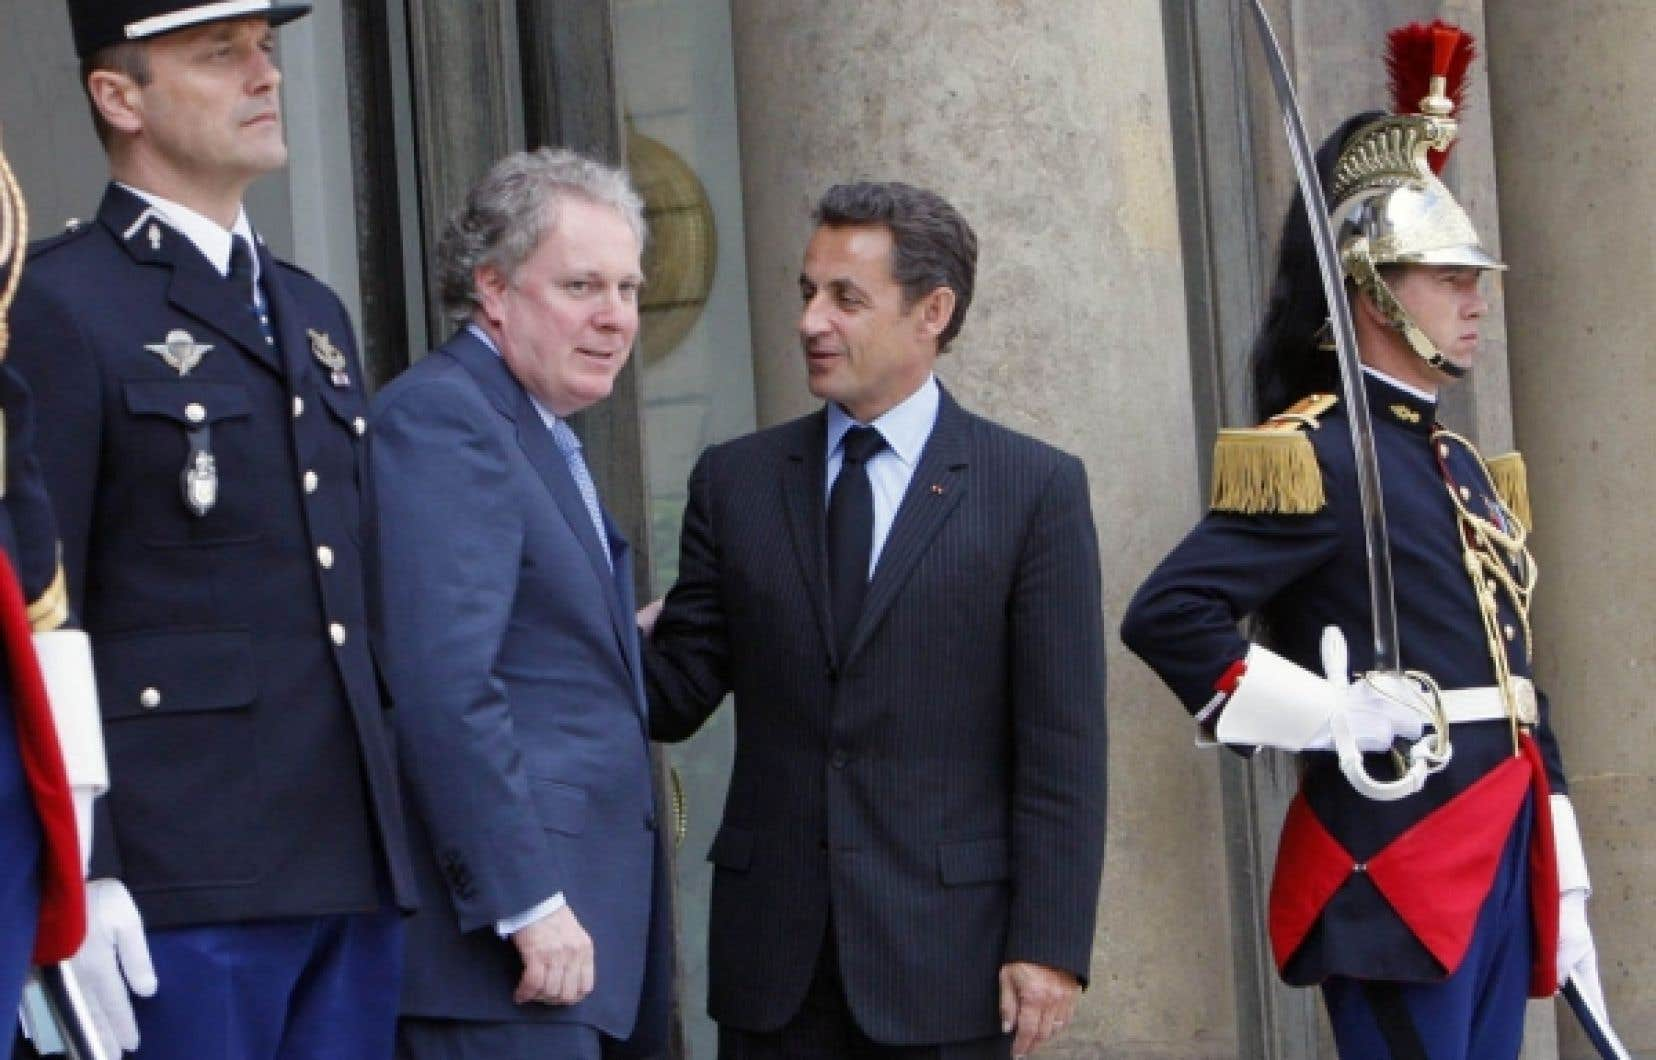 Le premier ministre Jean Charest est accueilli à l'Élysée par le président français Nicolas Sarkozy, lors d'une visite officielle en 2007.